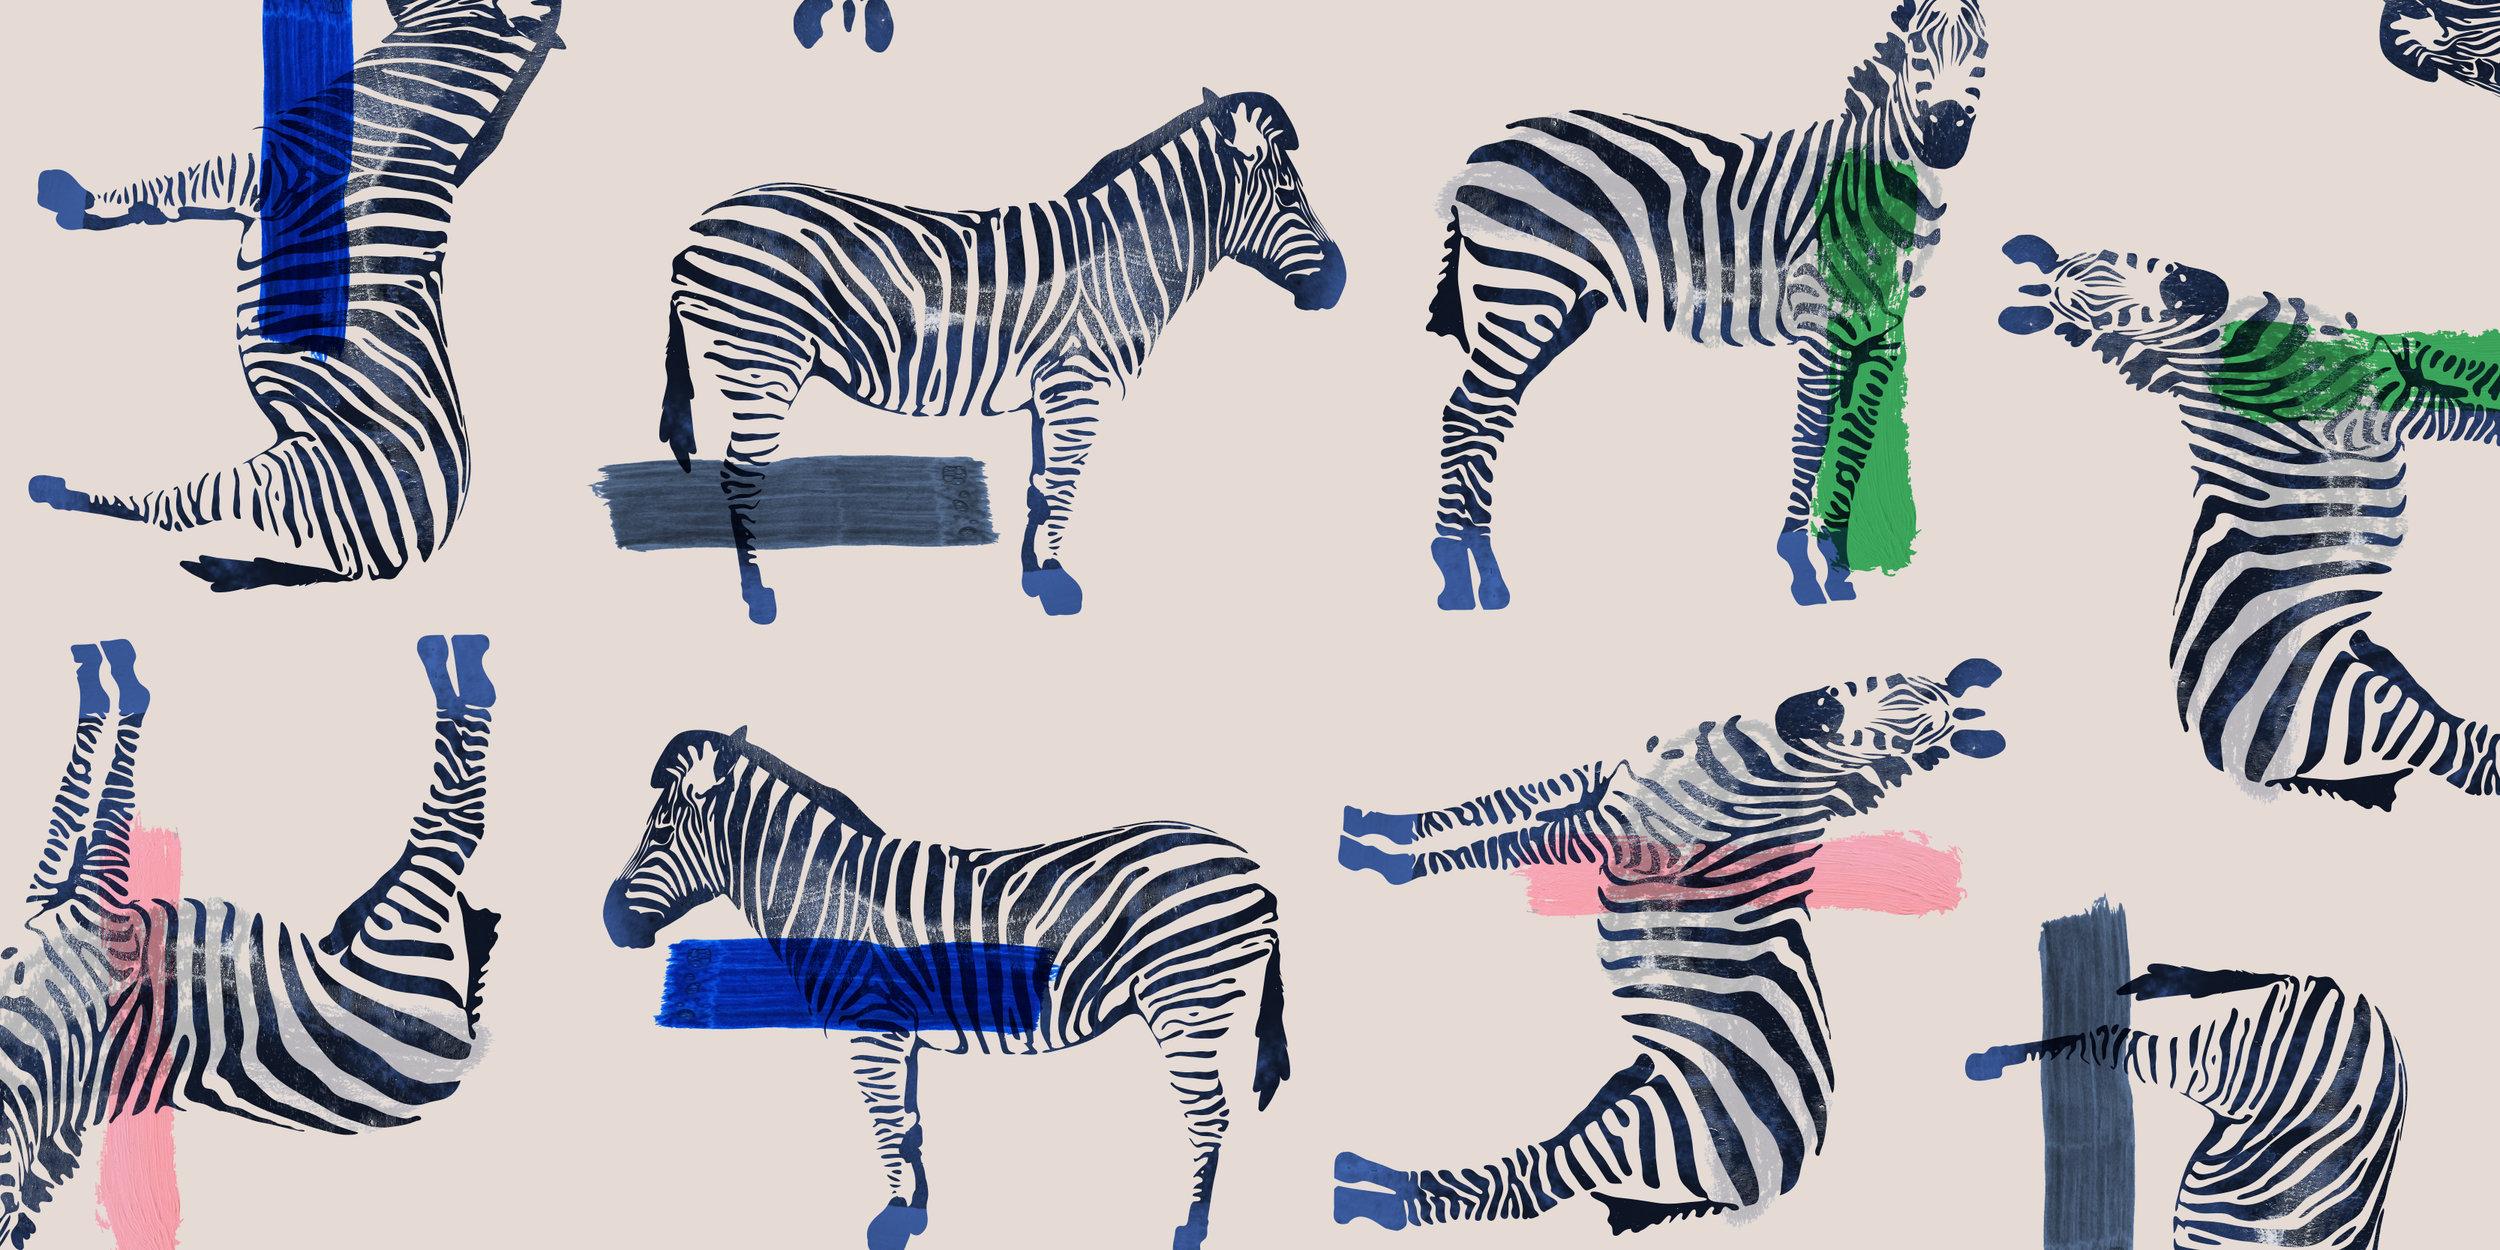 PatternsForWebsite_Wide_Zebra.jpg